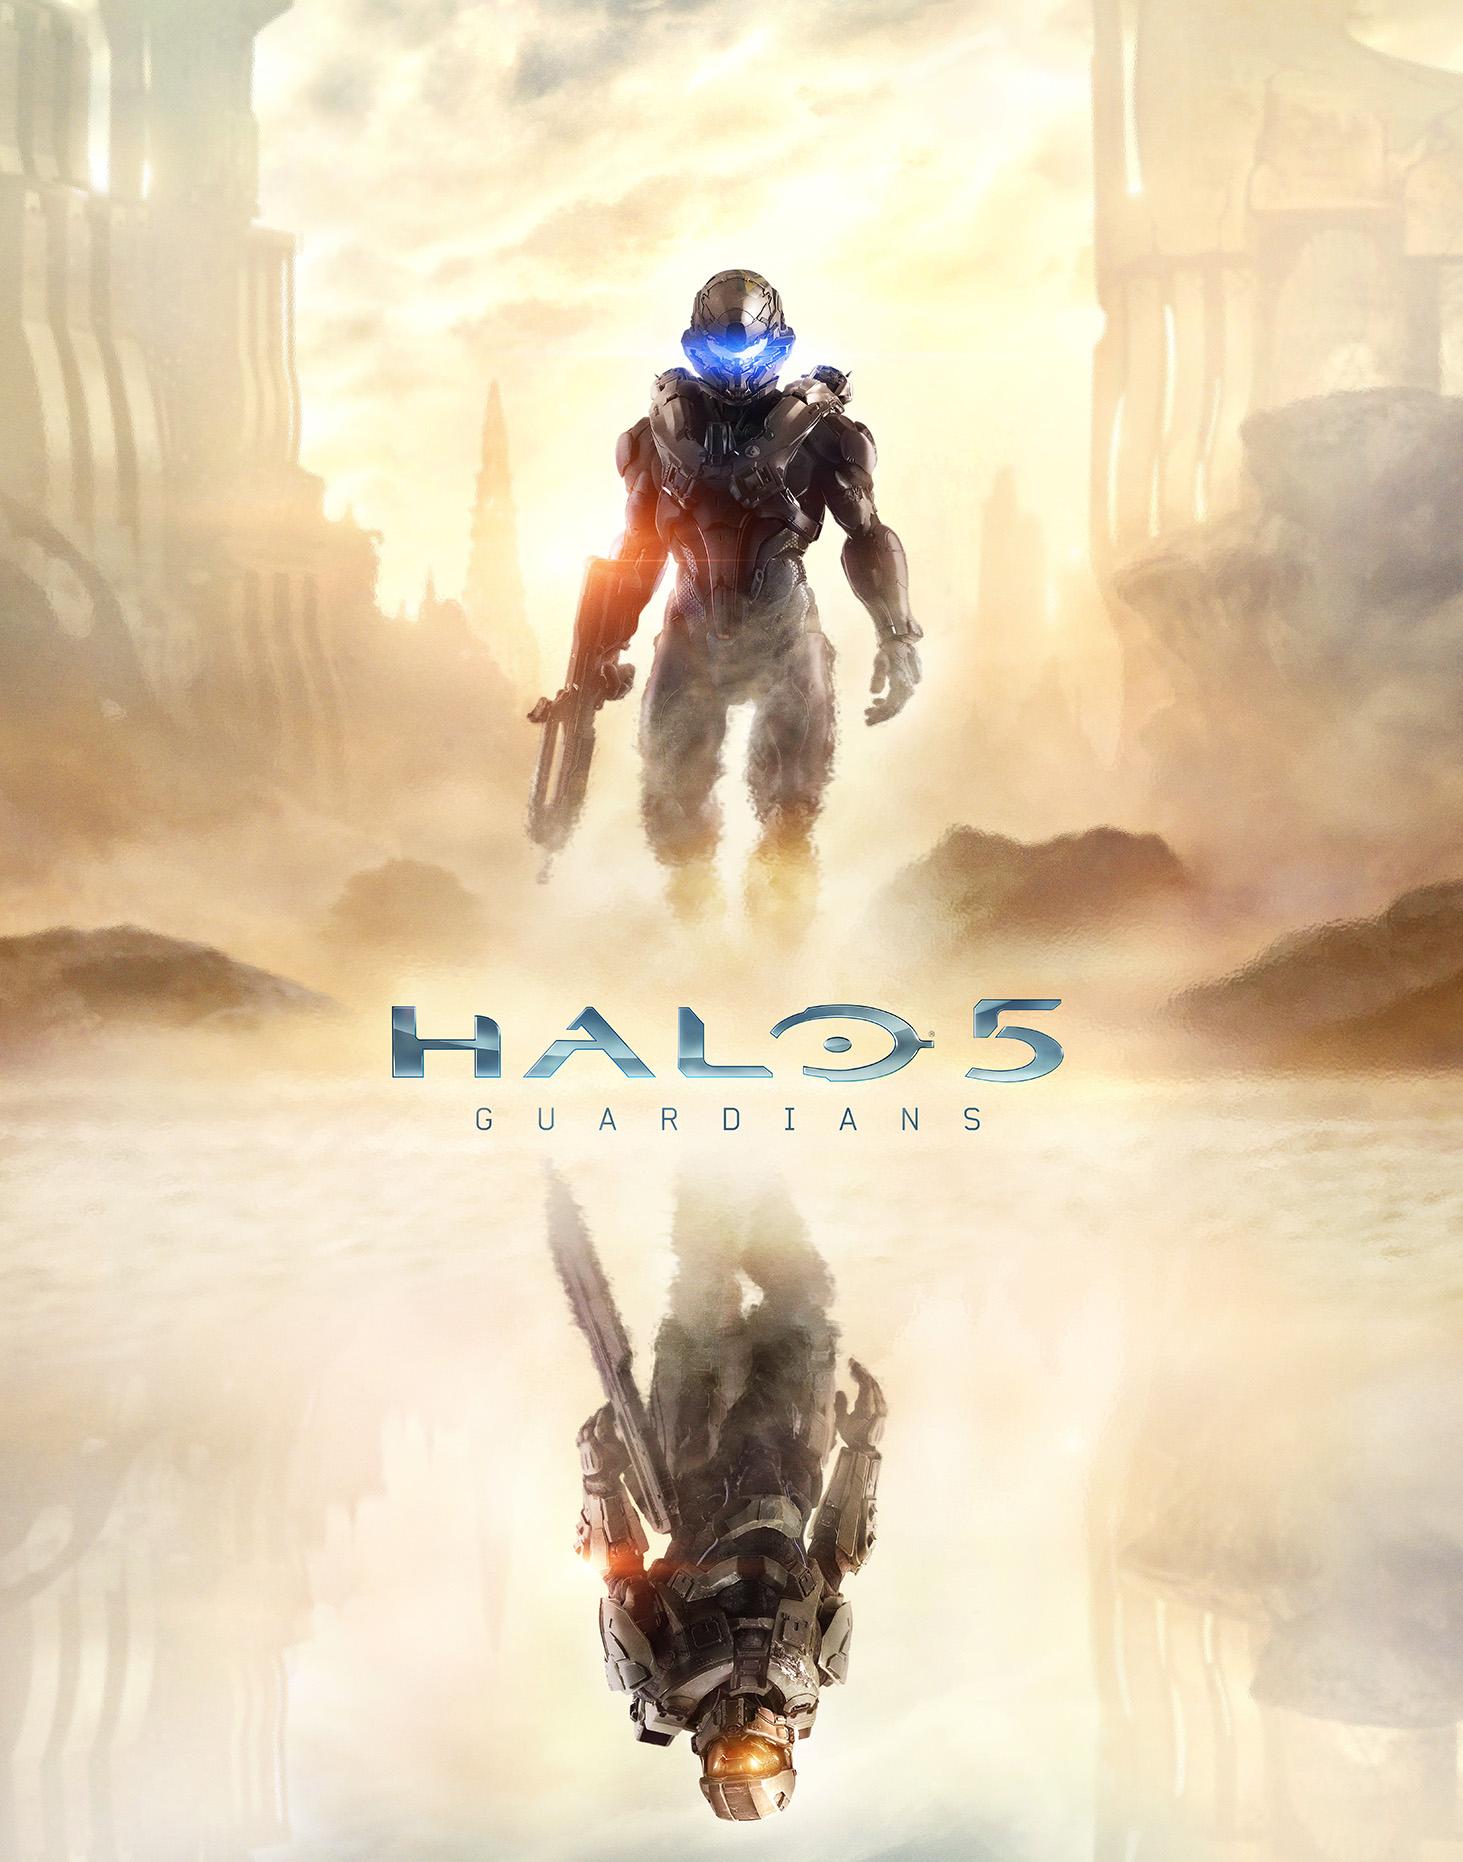 Halo 5: Guardians | Halo | Know Your Meme